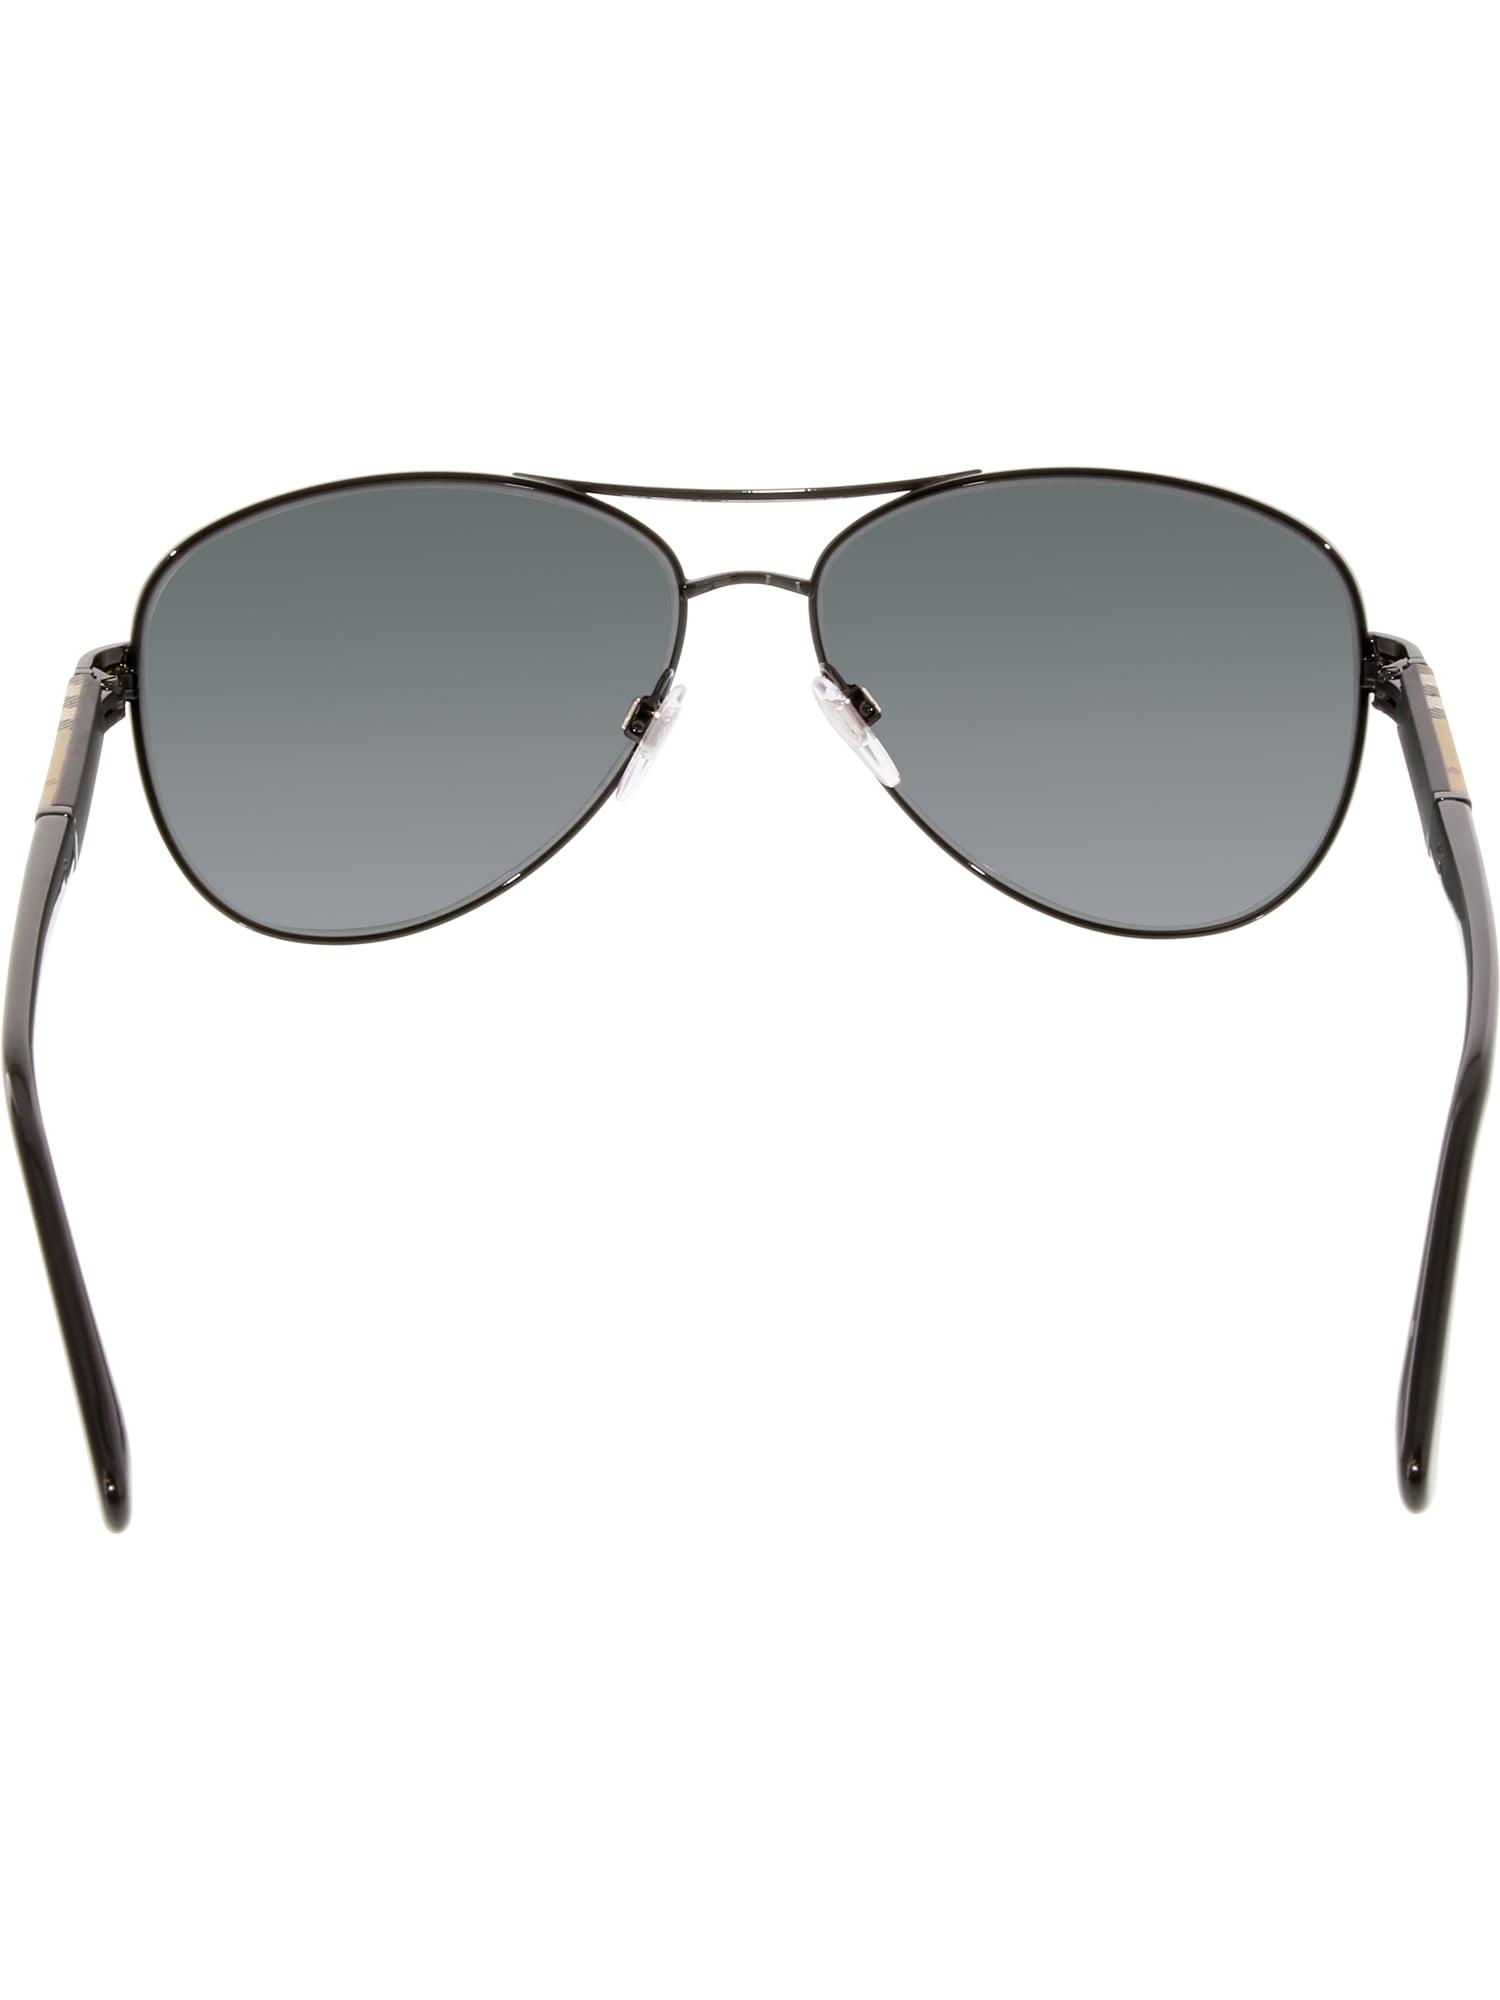 0f458ce6caa Burberry - Burberry Men s BE3080-100187-59 Black Aviator Sunglasses -  Walmart.com